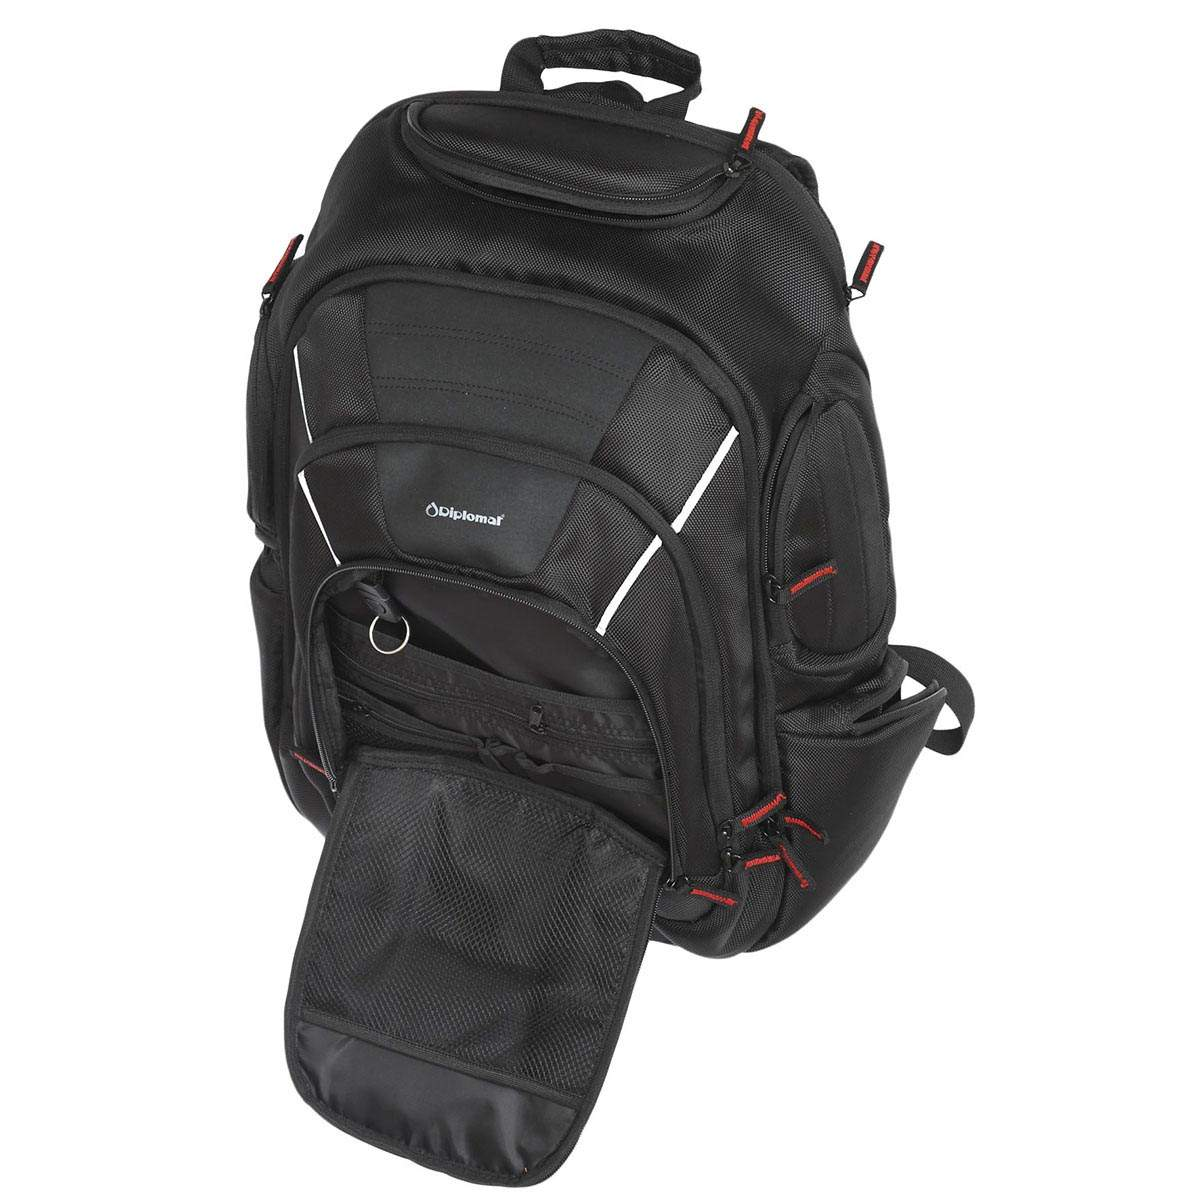 d89cd61ac7 Σακίδιο Πλάτης Diplomat Backpack Laptop LC655 Μαύρο